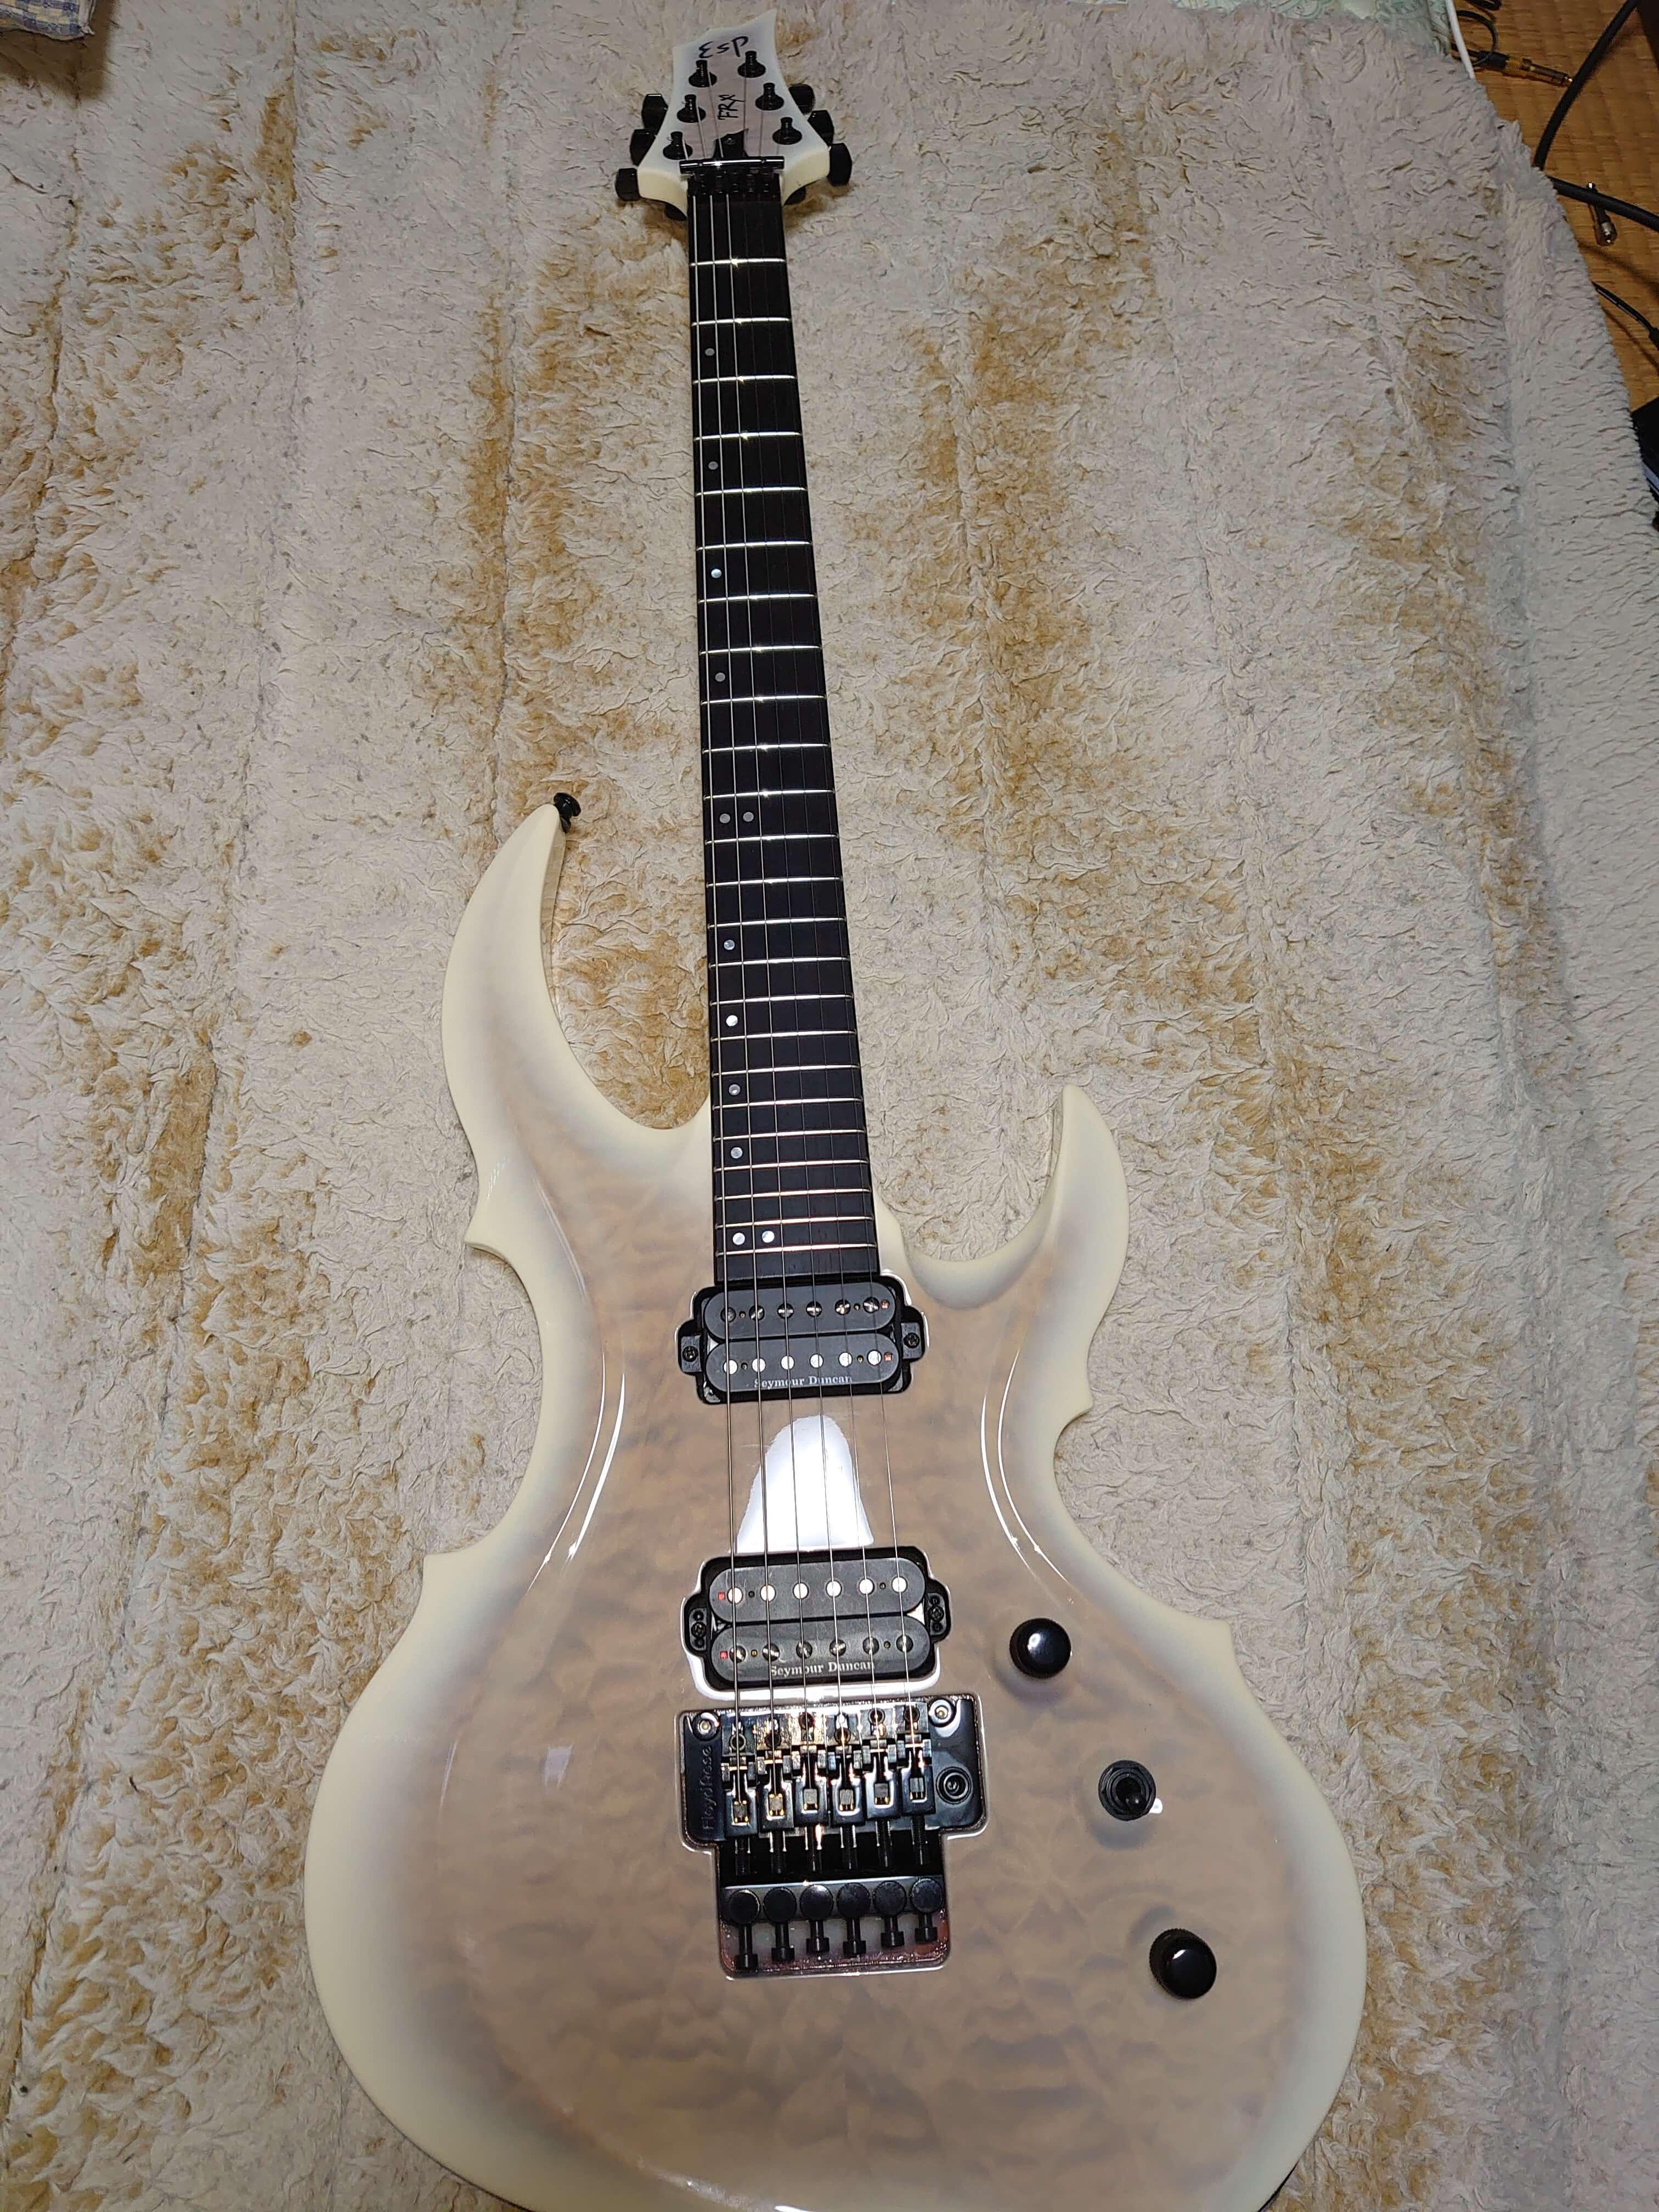 中学時代からの憧れギターを手に入りました。